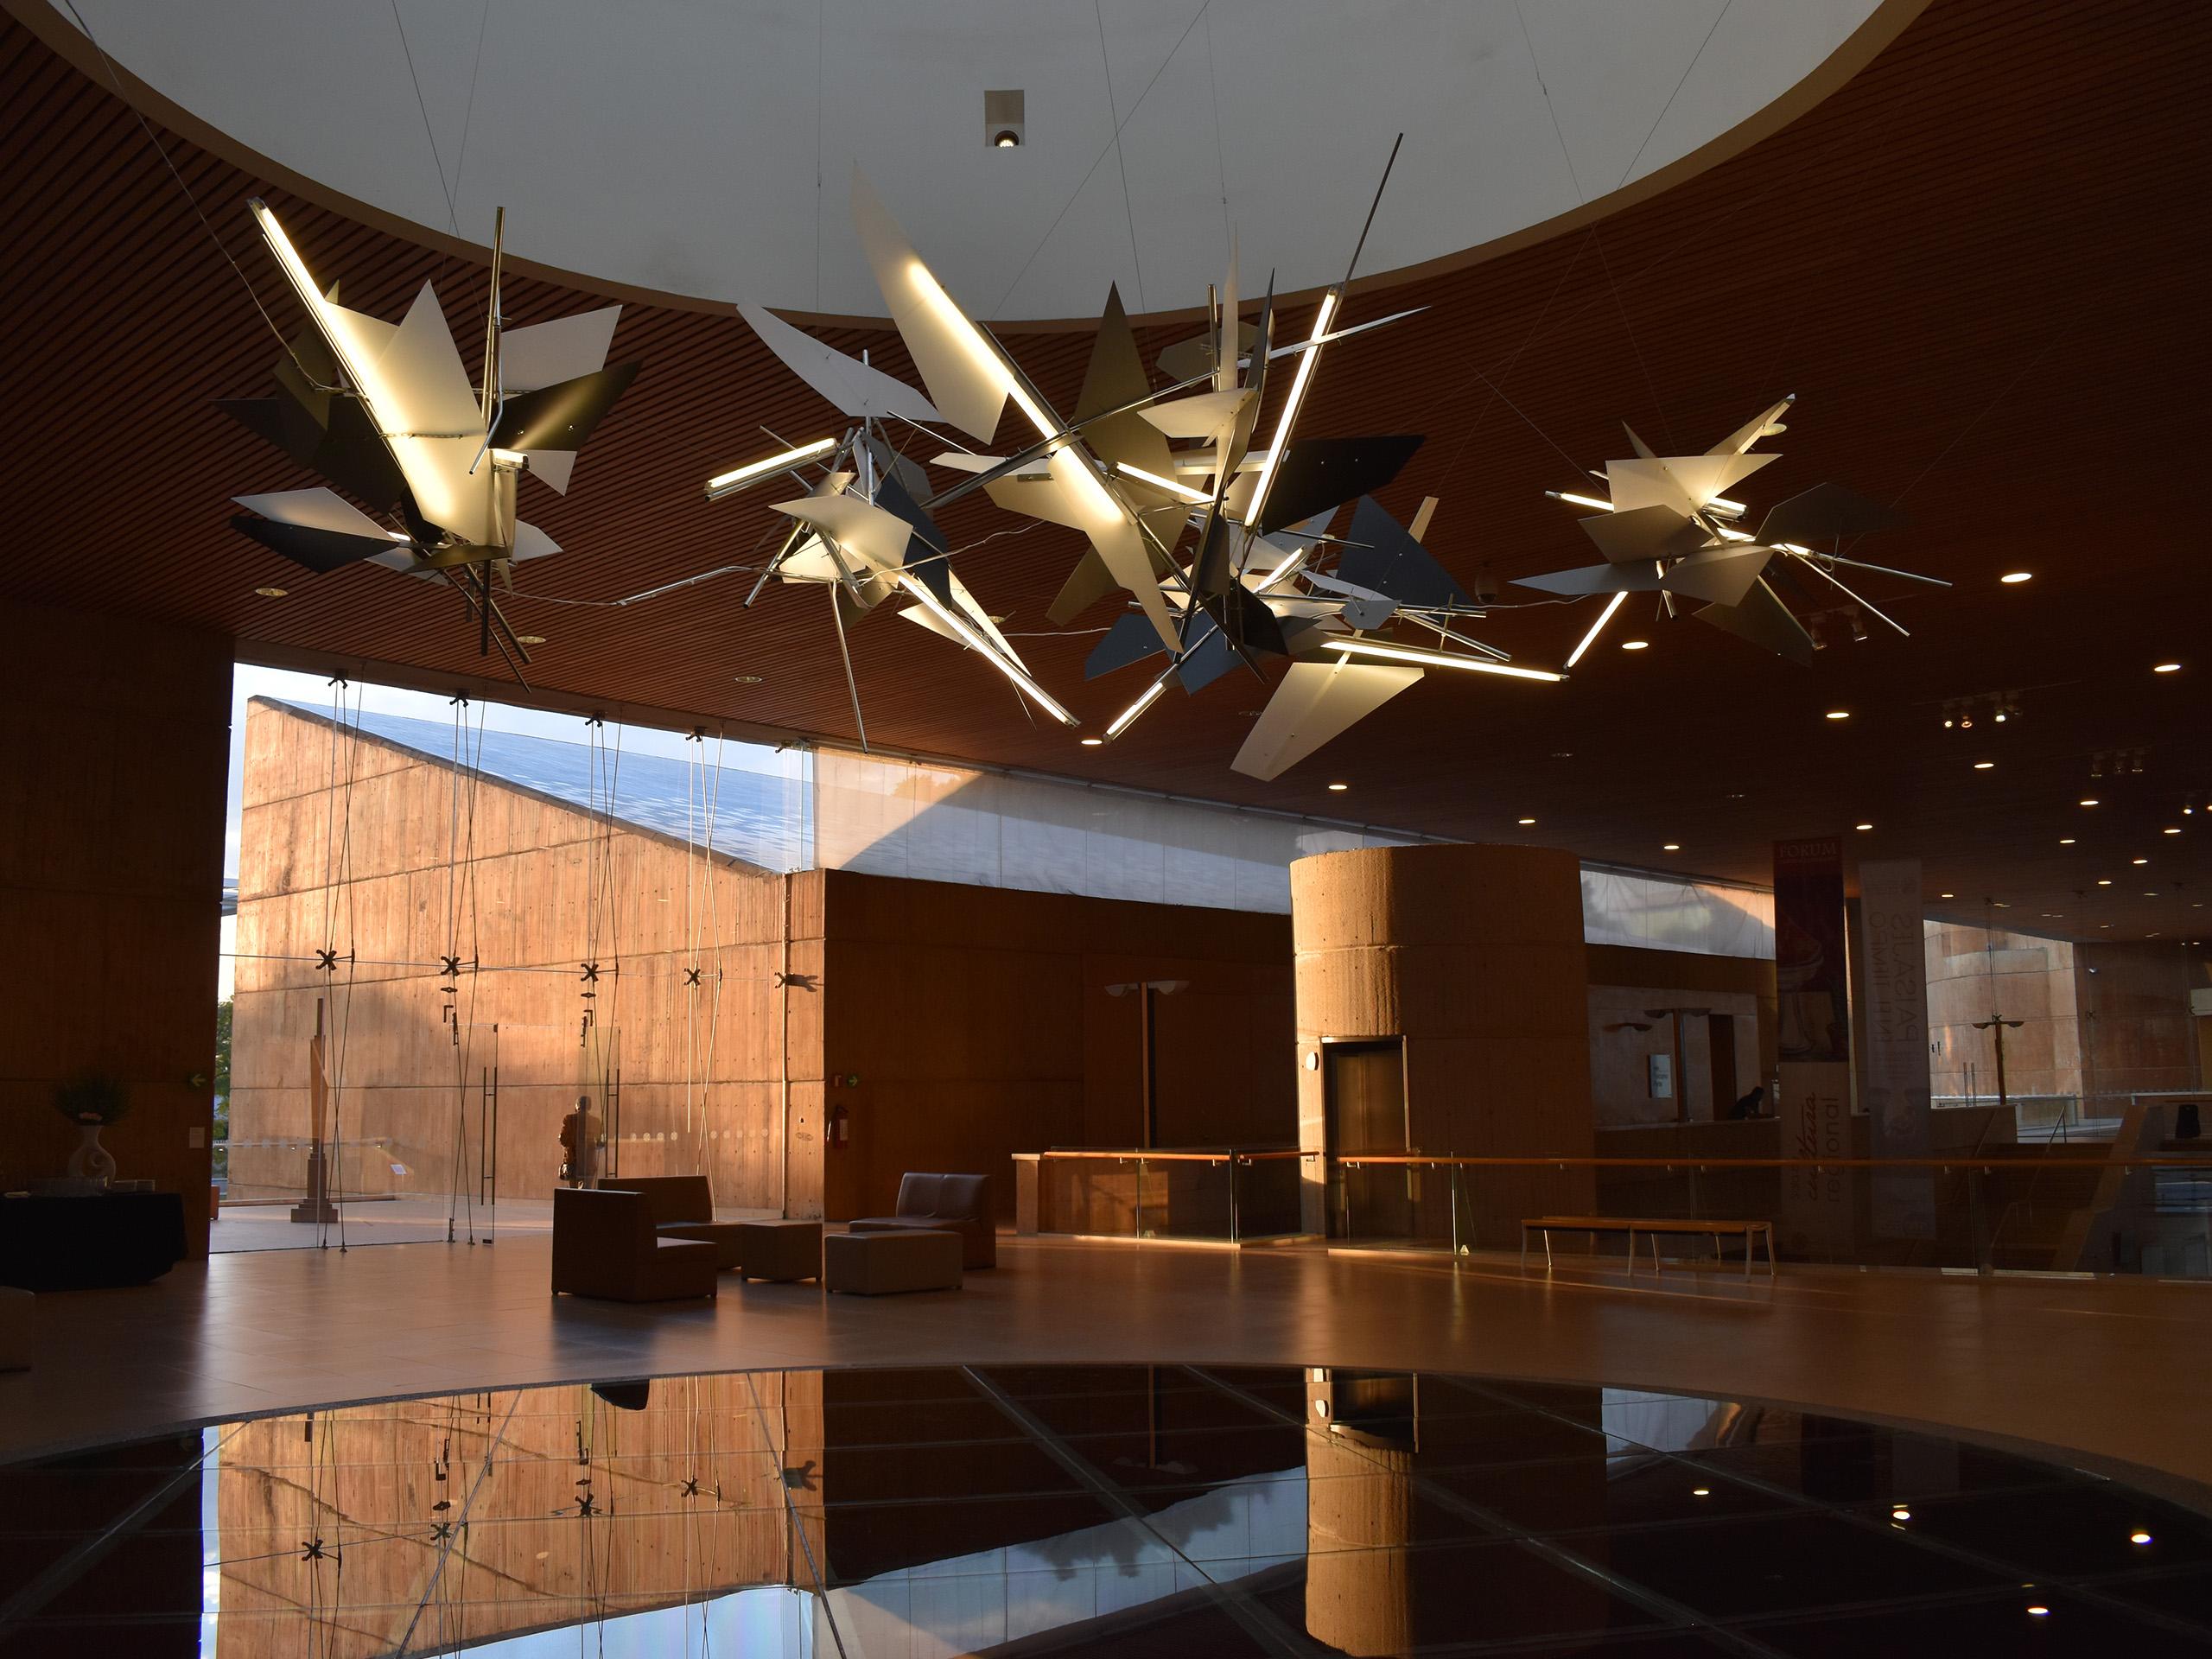 Coleccion-en-Guanajuato-Galeria-Noticias-7